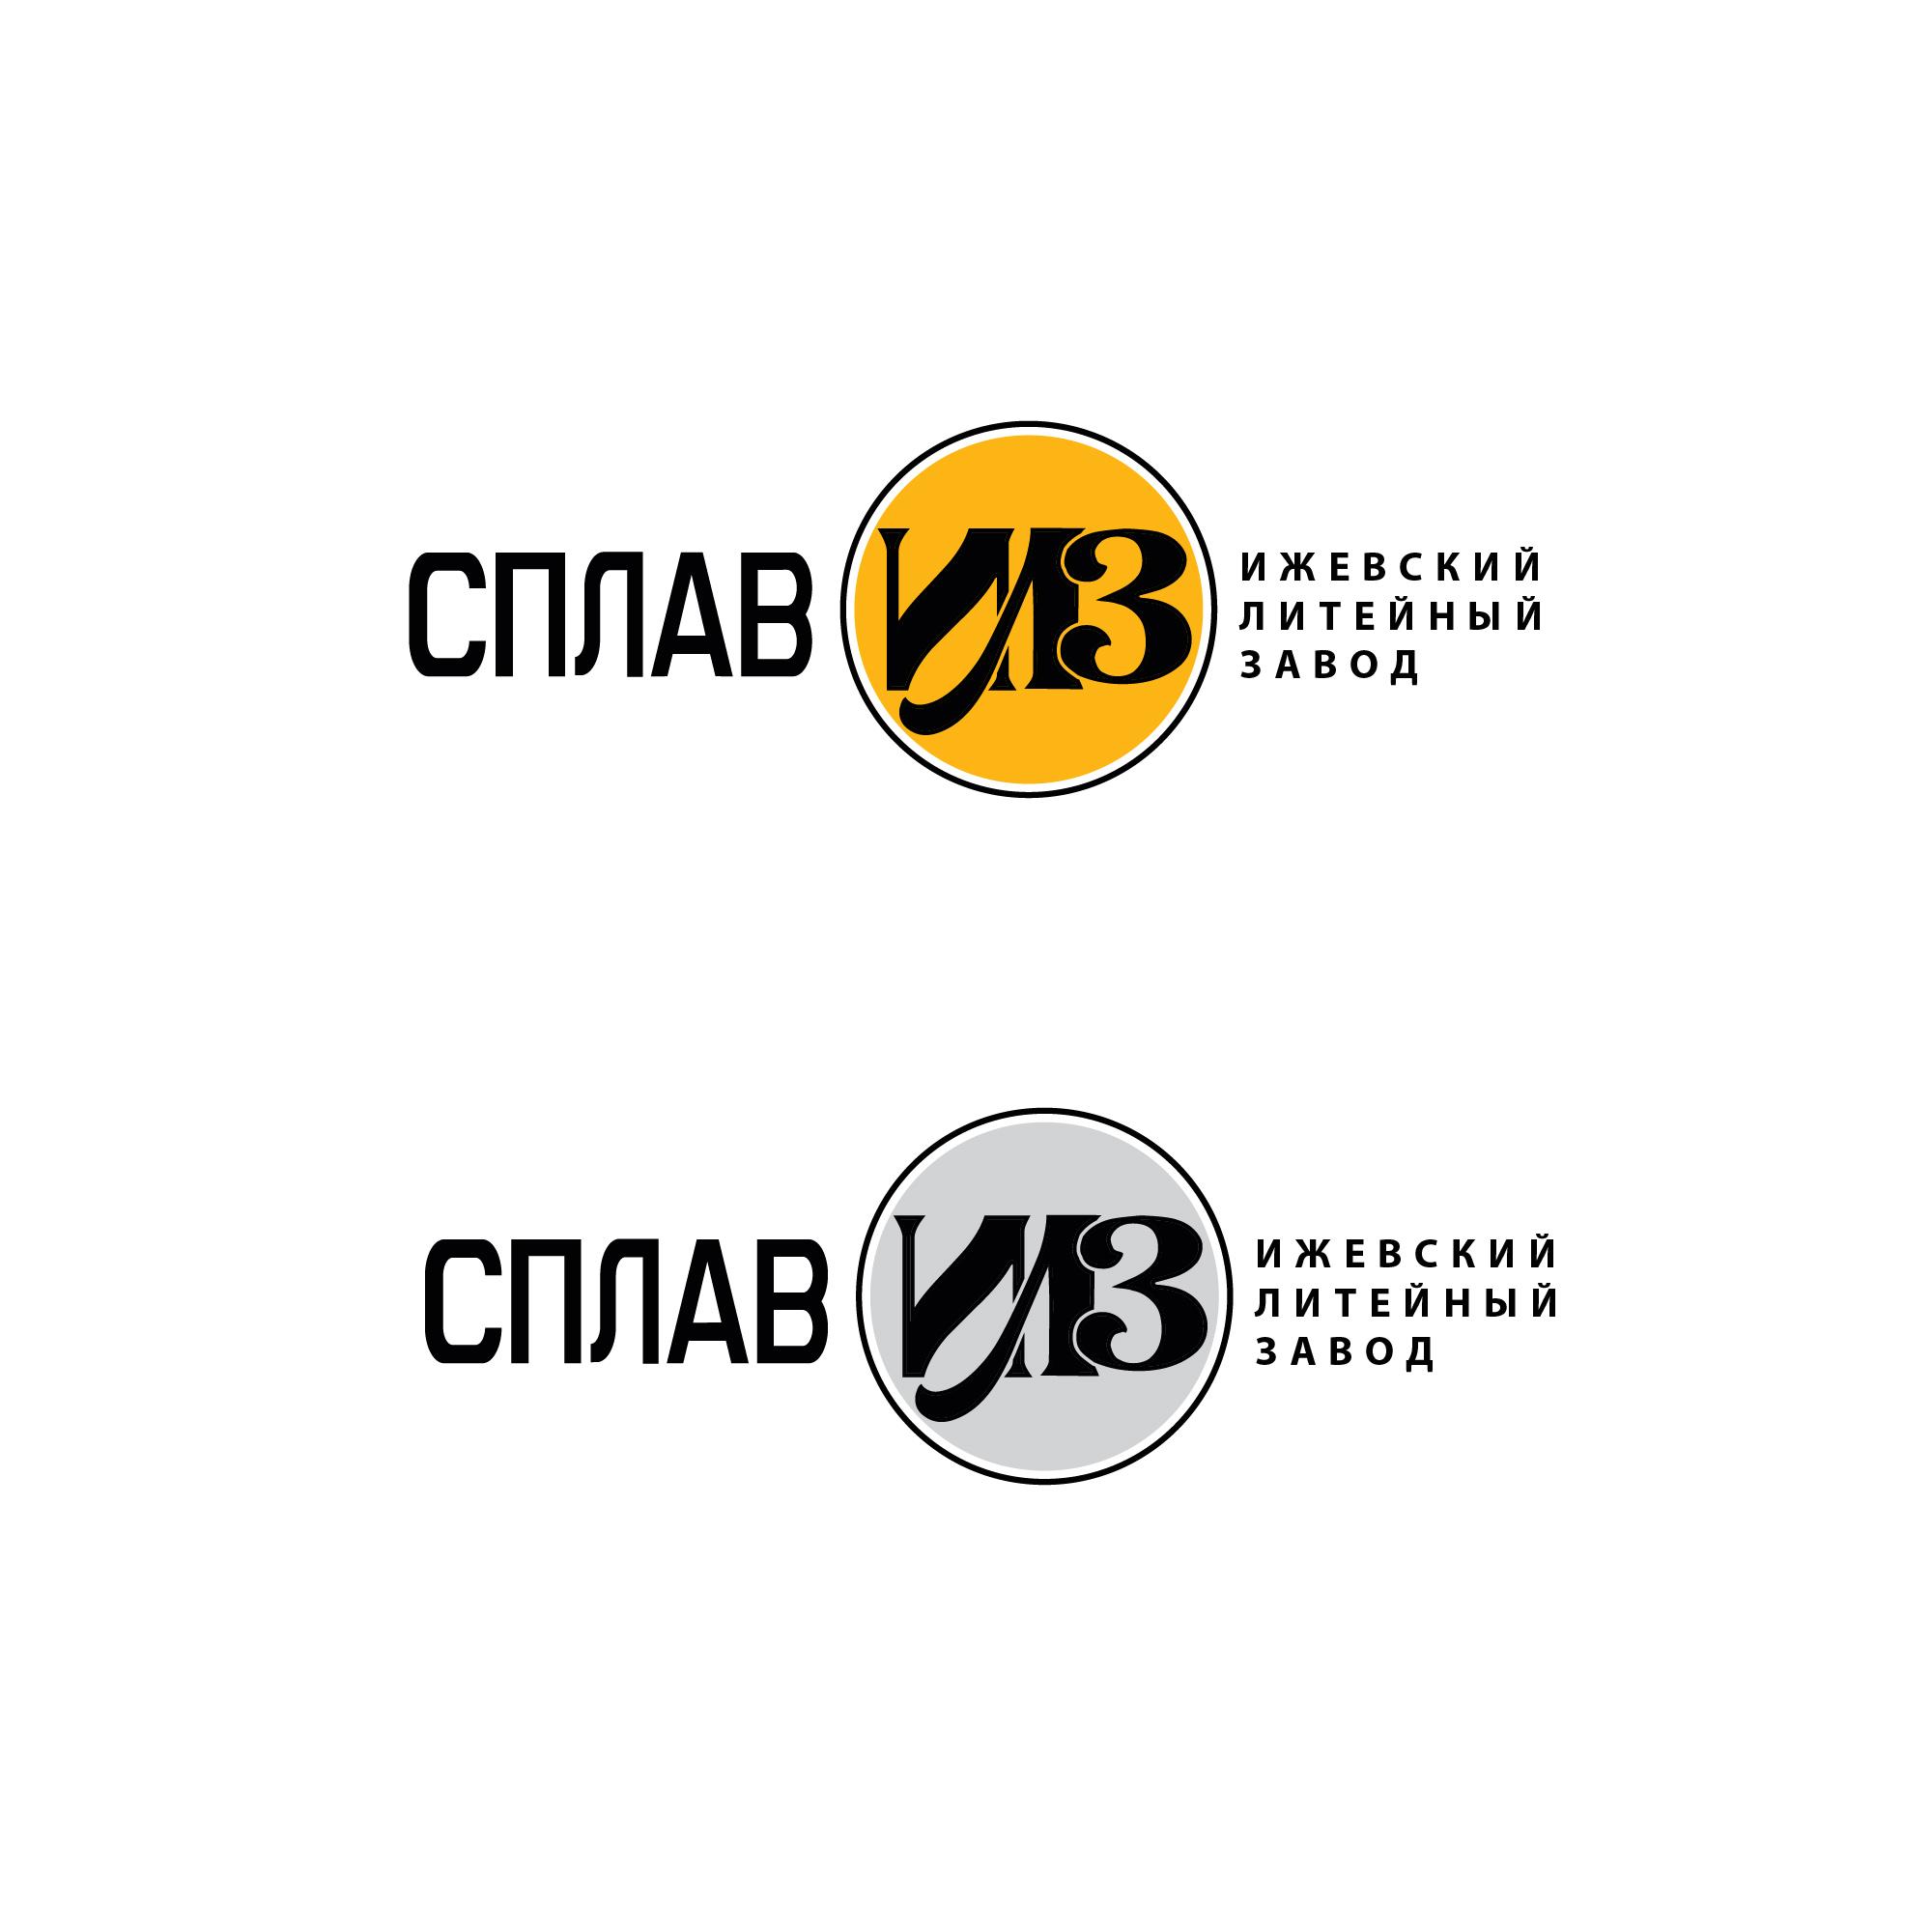 Разработать логотип для литейного завода фото f_1465aff14065dd53.jpg